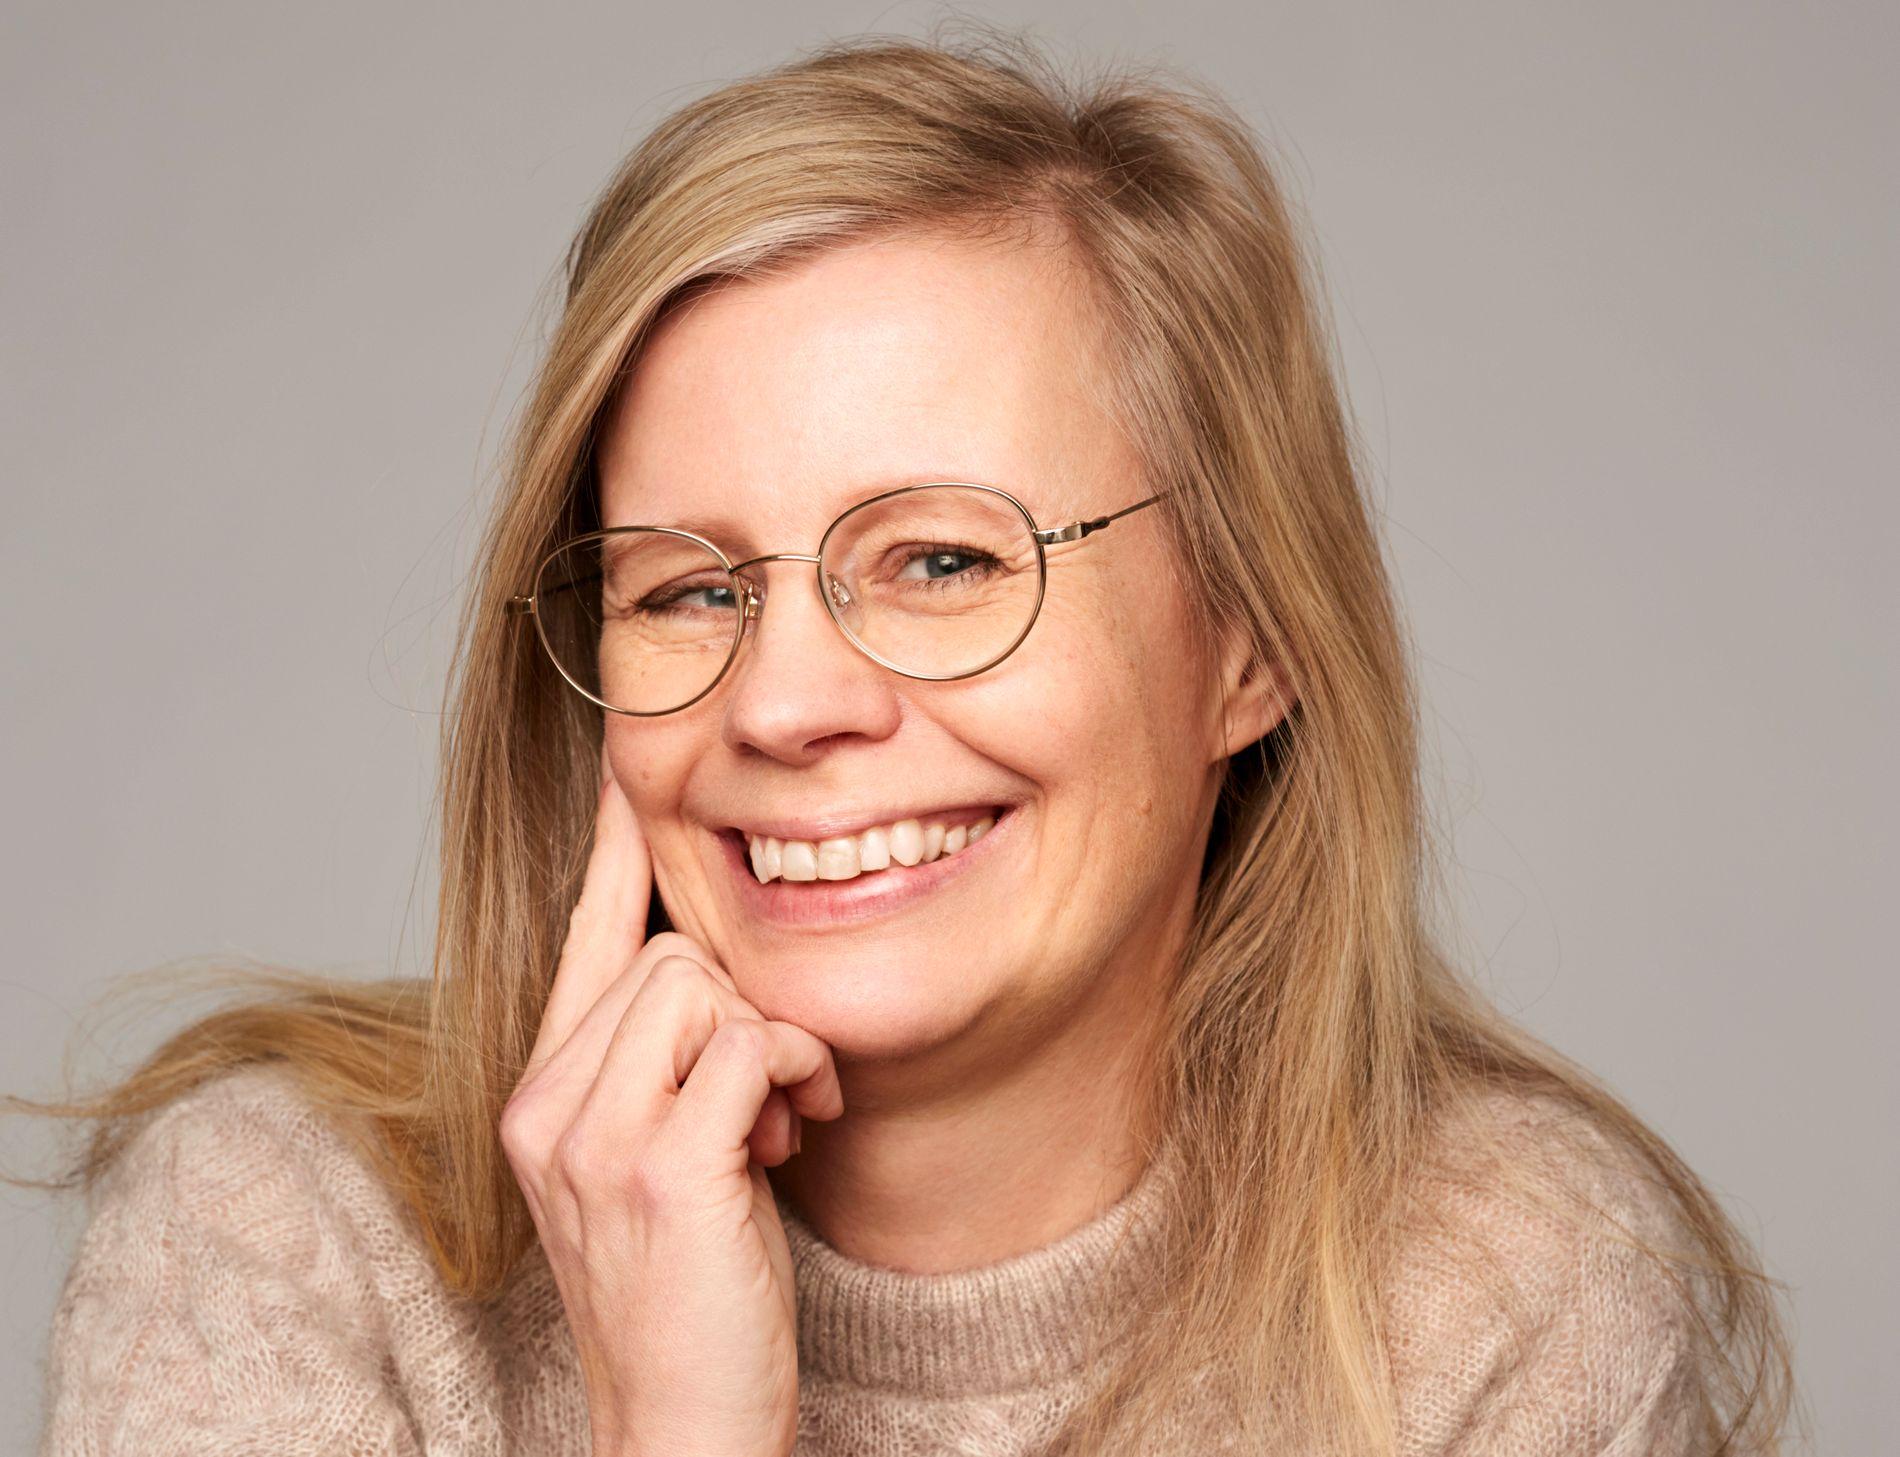 KJENT PSYKOLOG: Hedvig Montgomery (49) er utdannet psykolog og jobber som familieterapeut. Hun har også siden 1999 arbeidet med uttak og oppfølging av deltagere til forskjellige reality-TV-program.